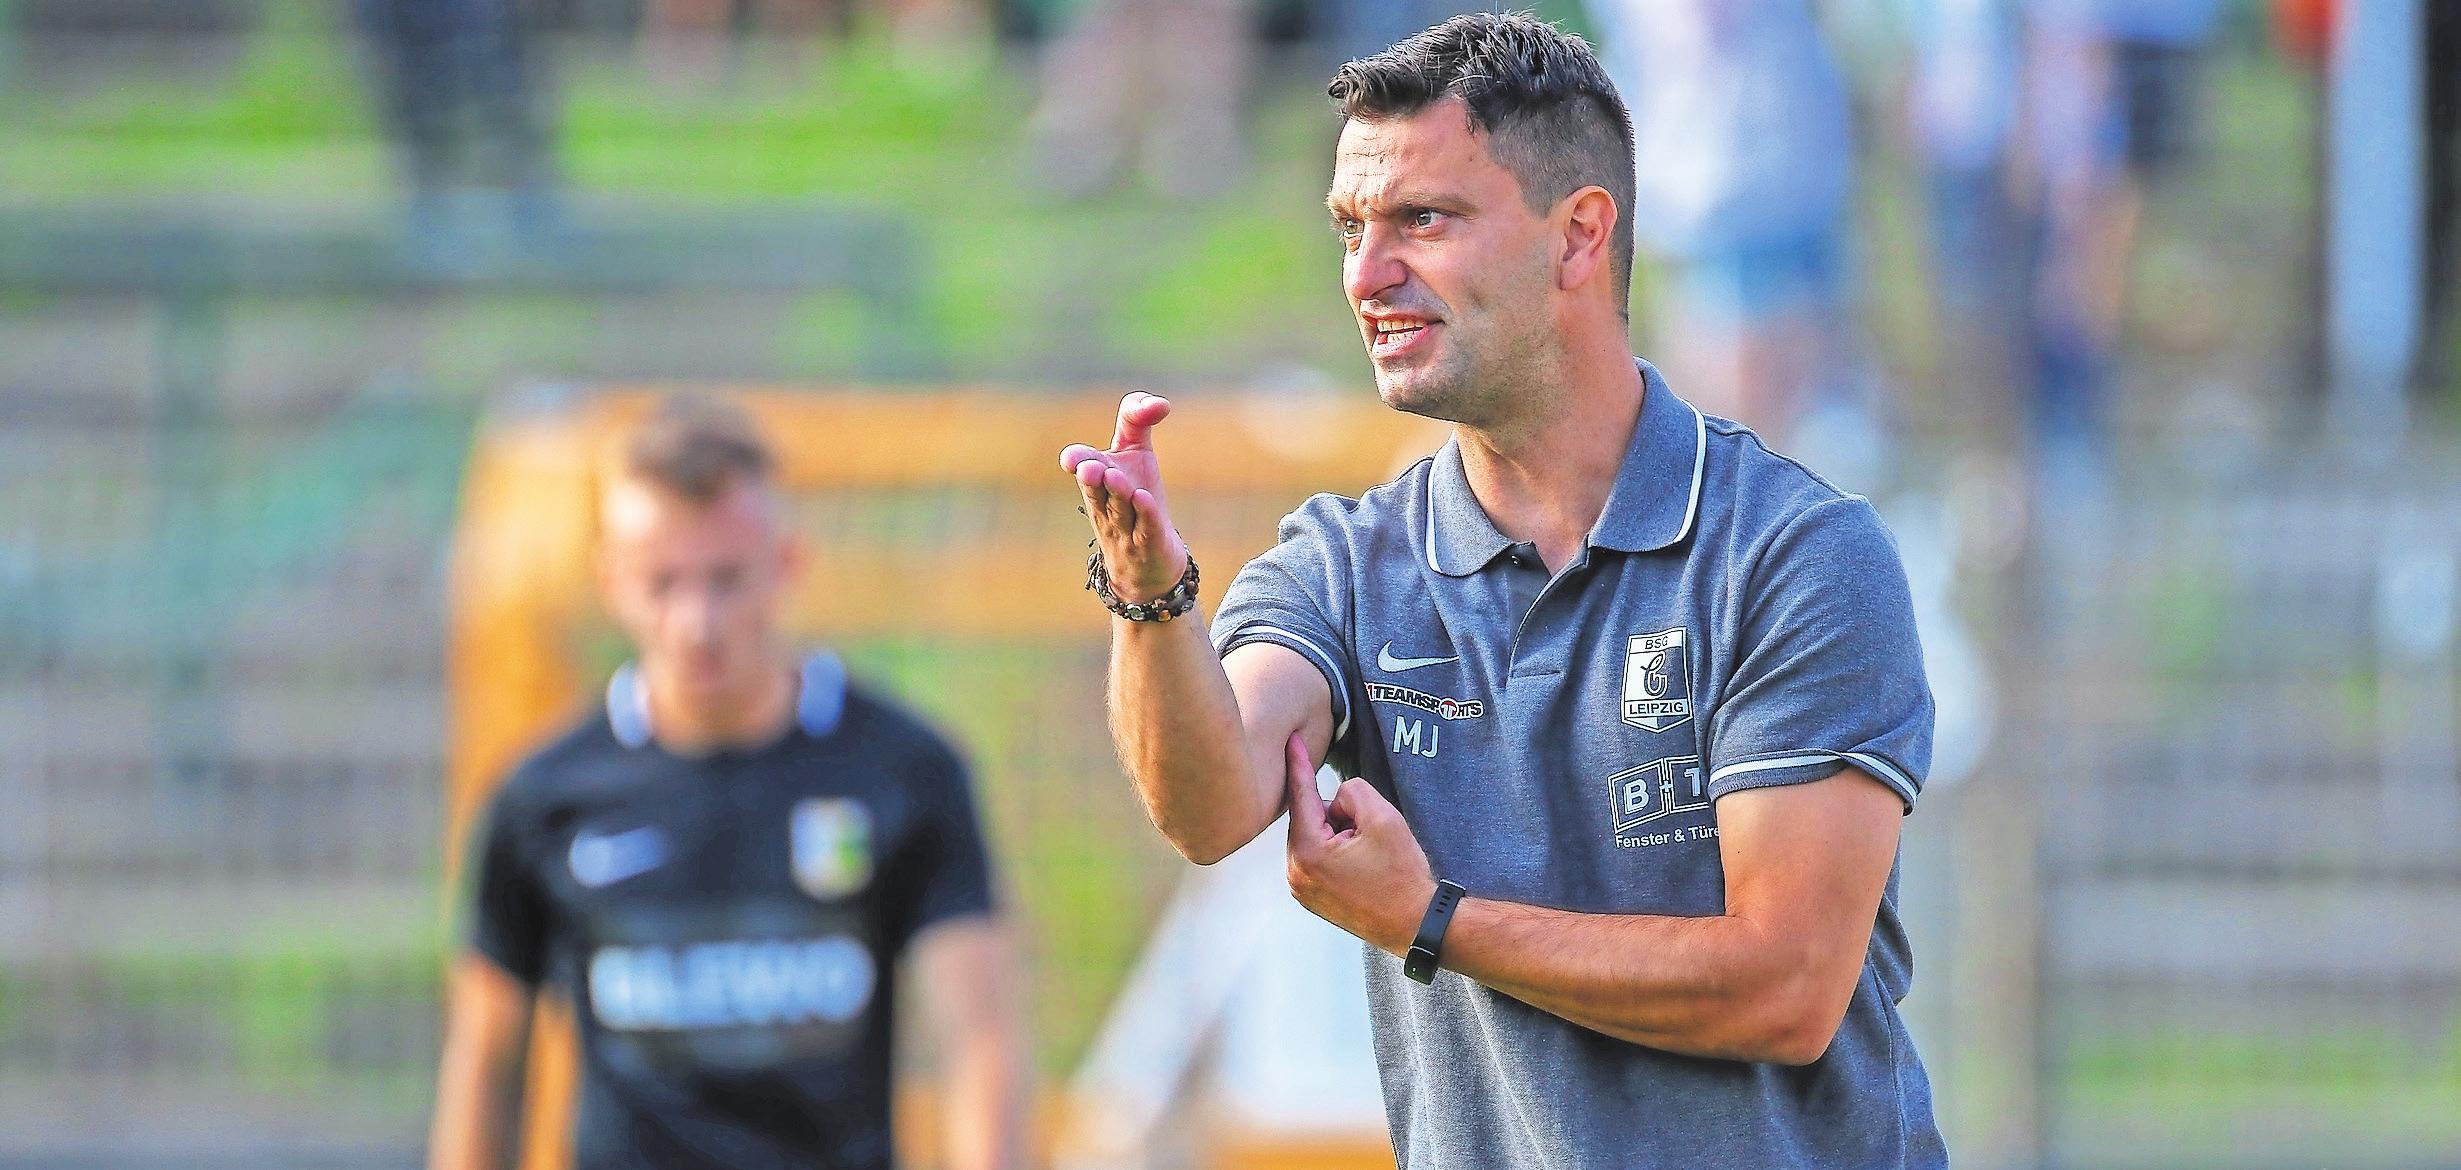 Engagiert an der Seitenlinie: Miroslav Jagatic, Coach der BSG Chemie.